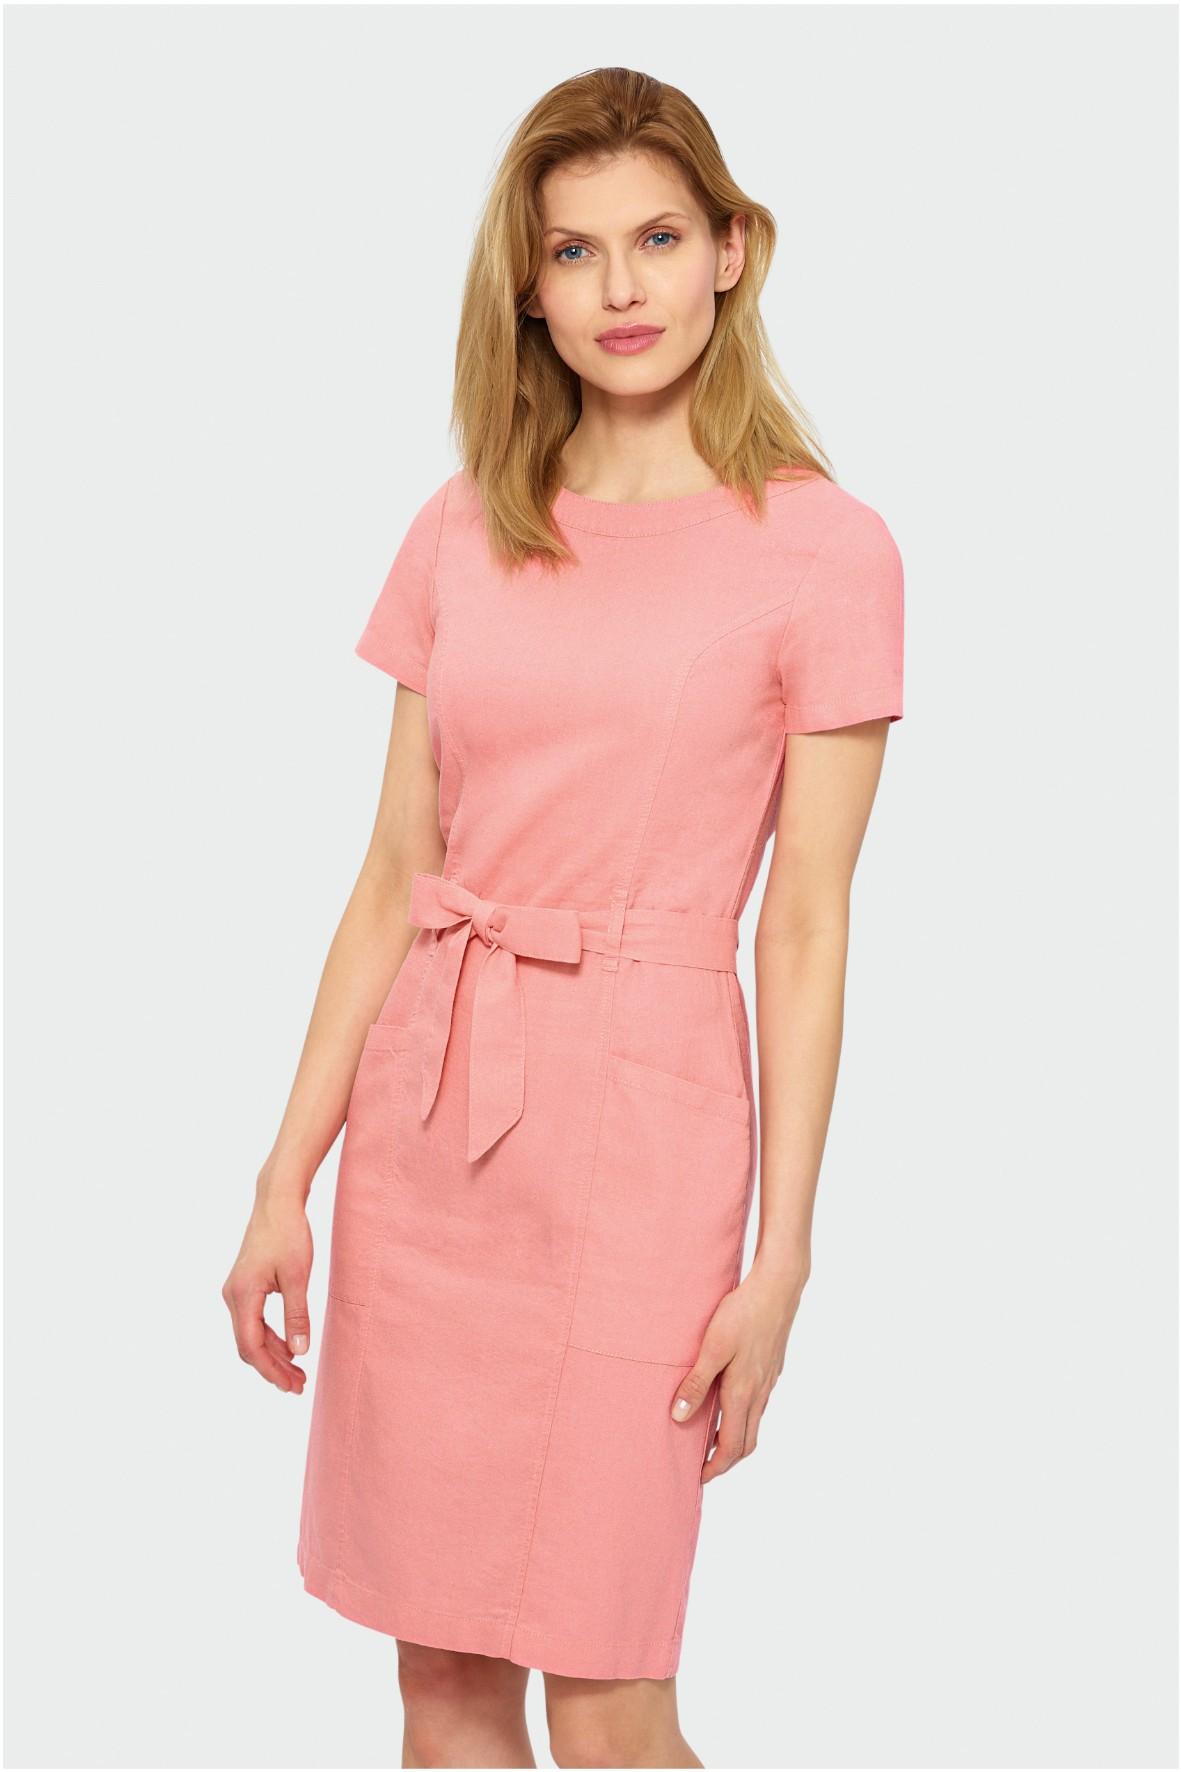 Sukienka do kolan odcięta w talii z naszywanymi kieszeniami- brzoskwiniowa